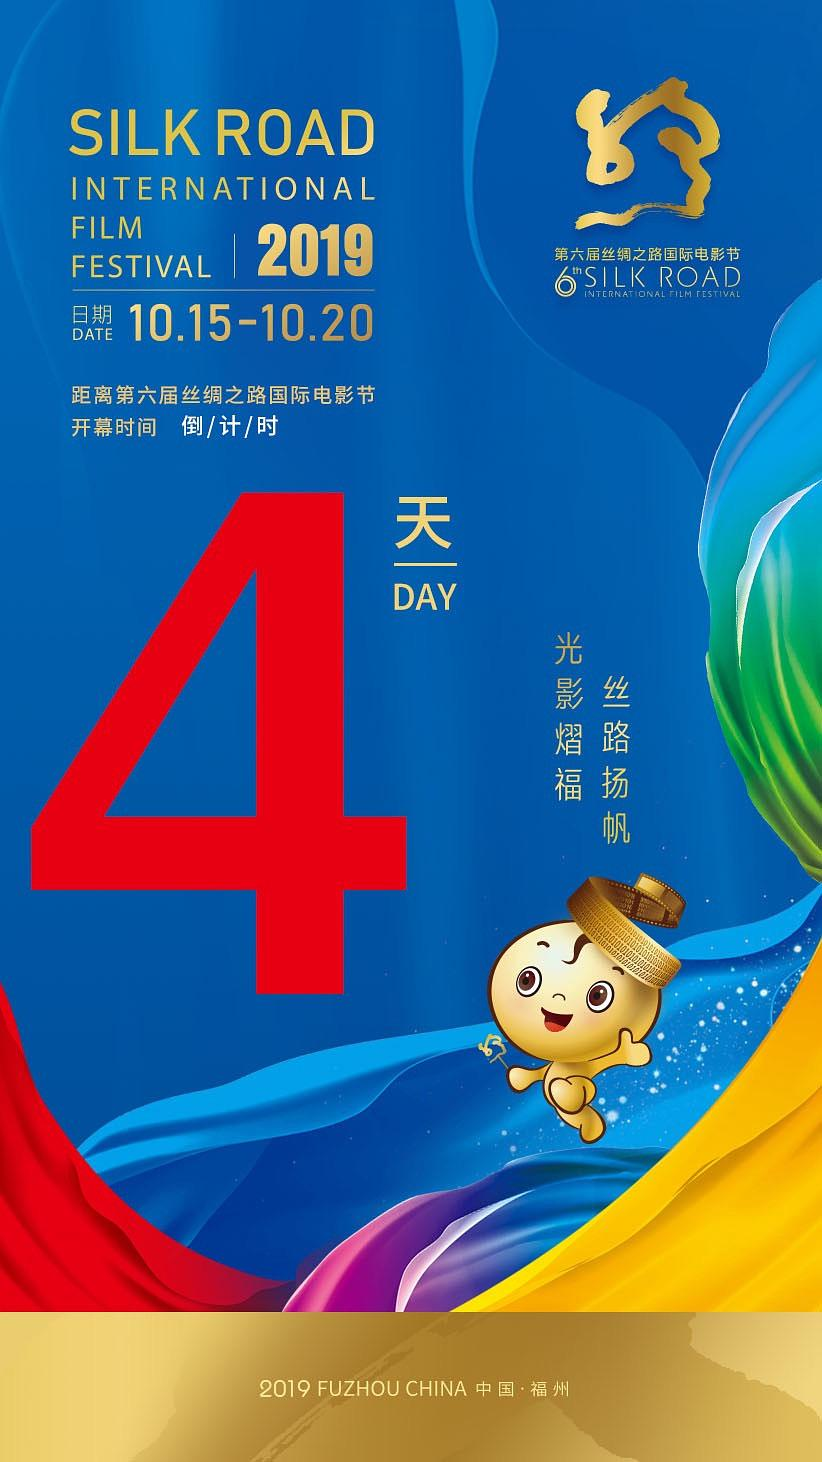 华语地区九大影展海报大PK,感到一股难以言表复杂的情绪…… 涨姿势 第2张